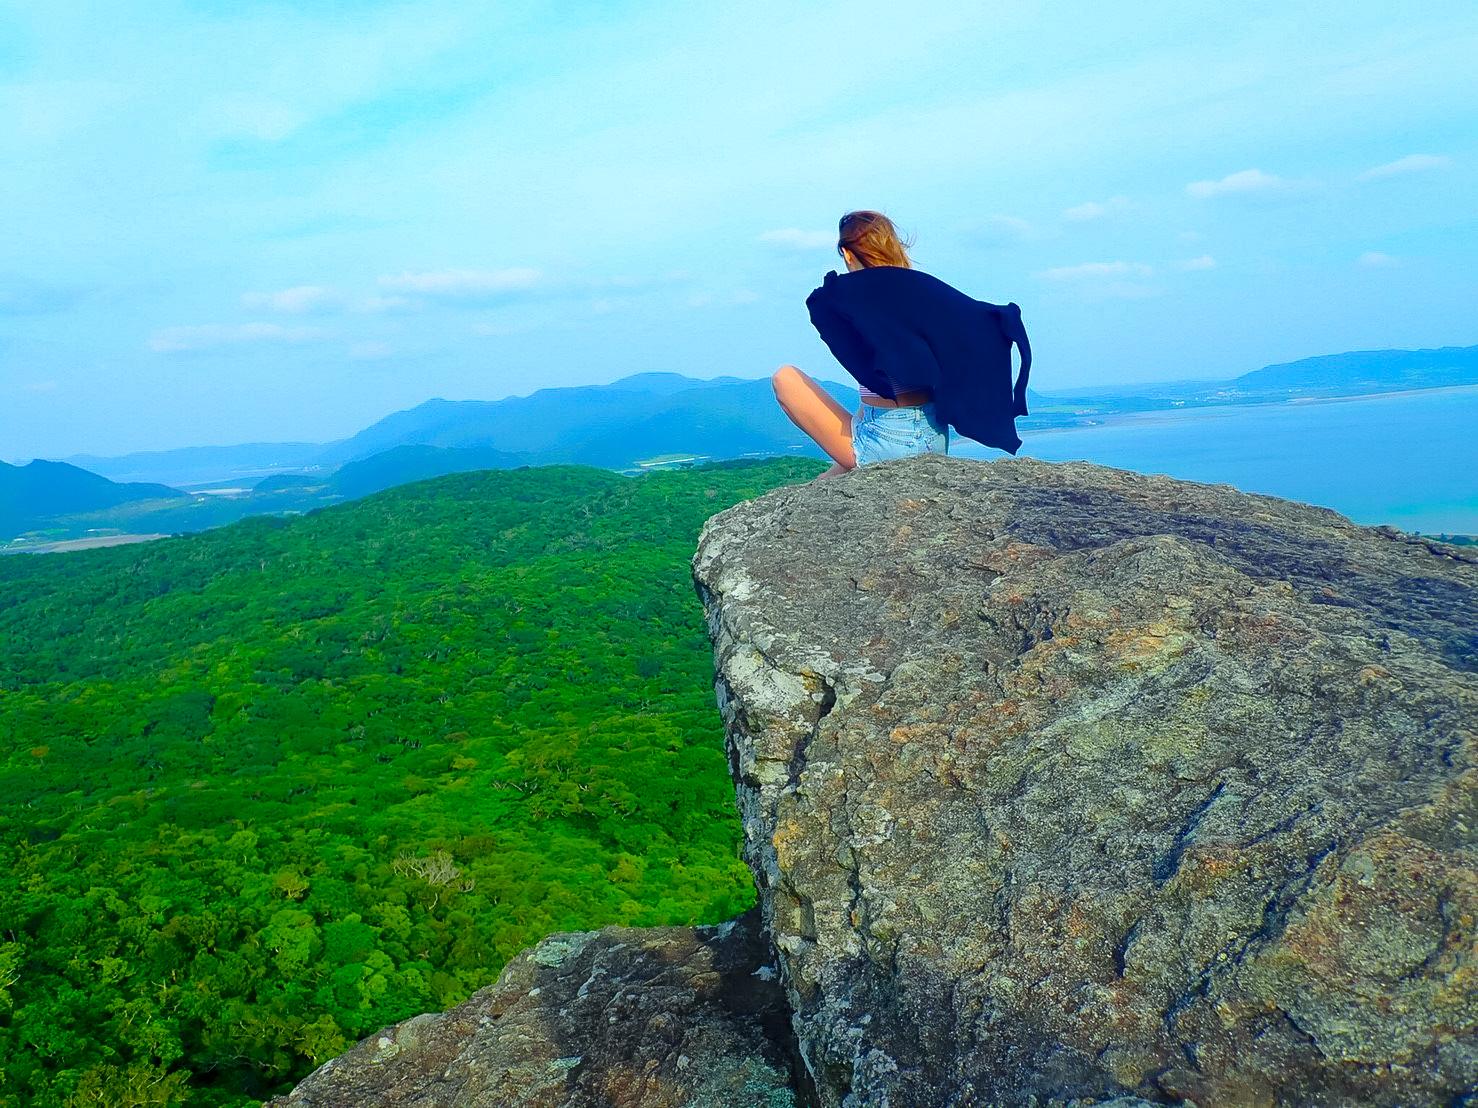 石垣島ジャングルを高台から見渡す女性